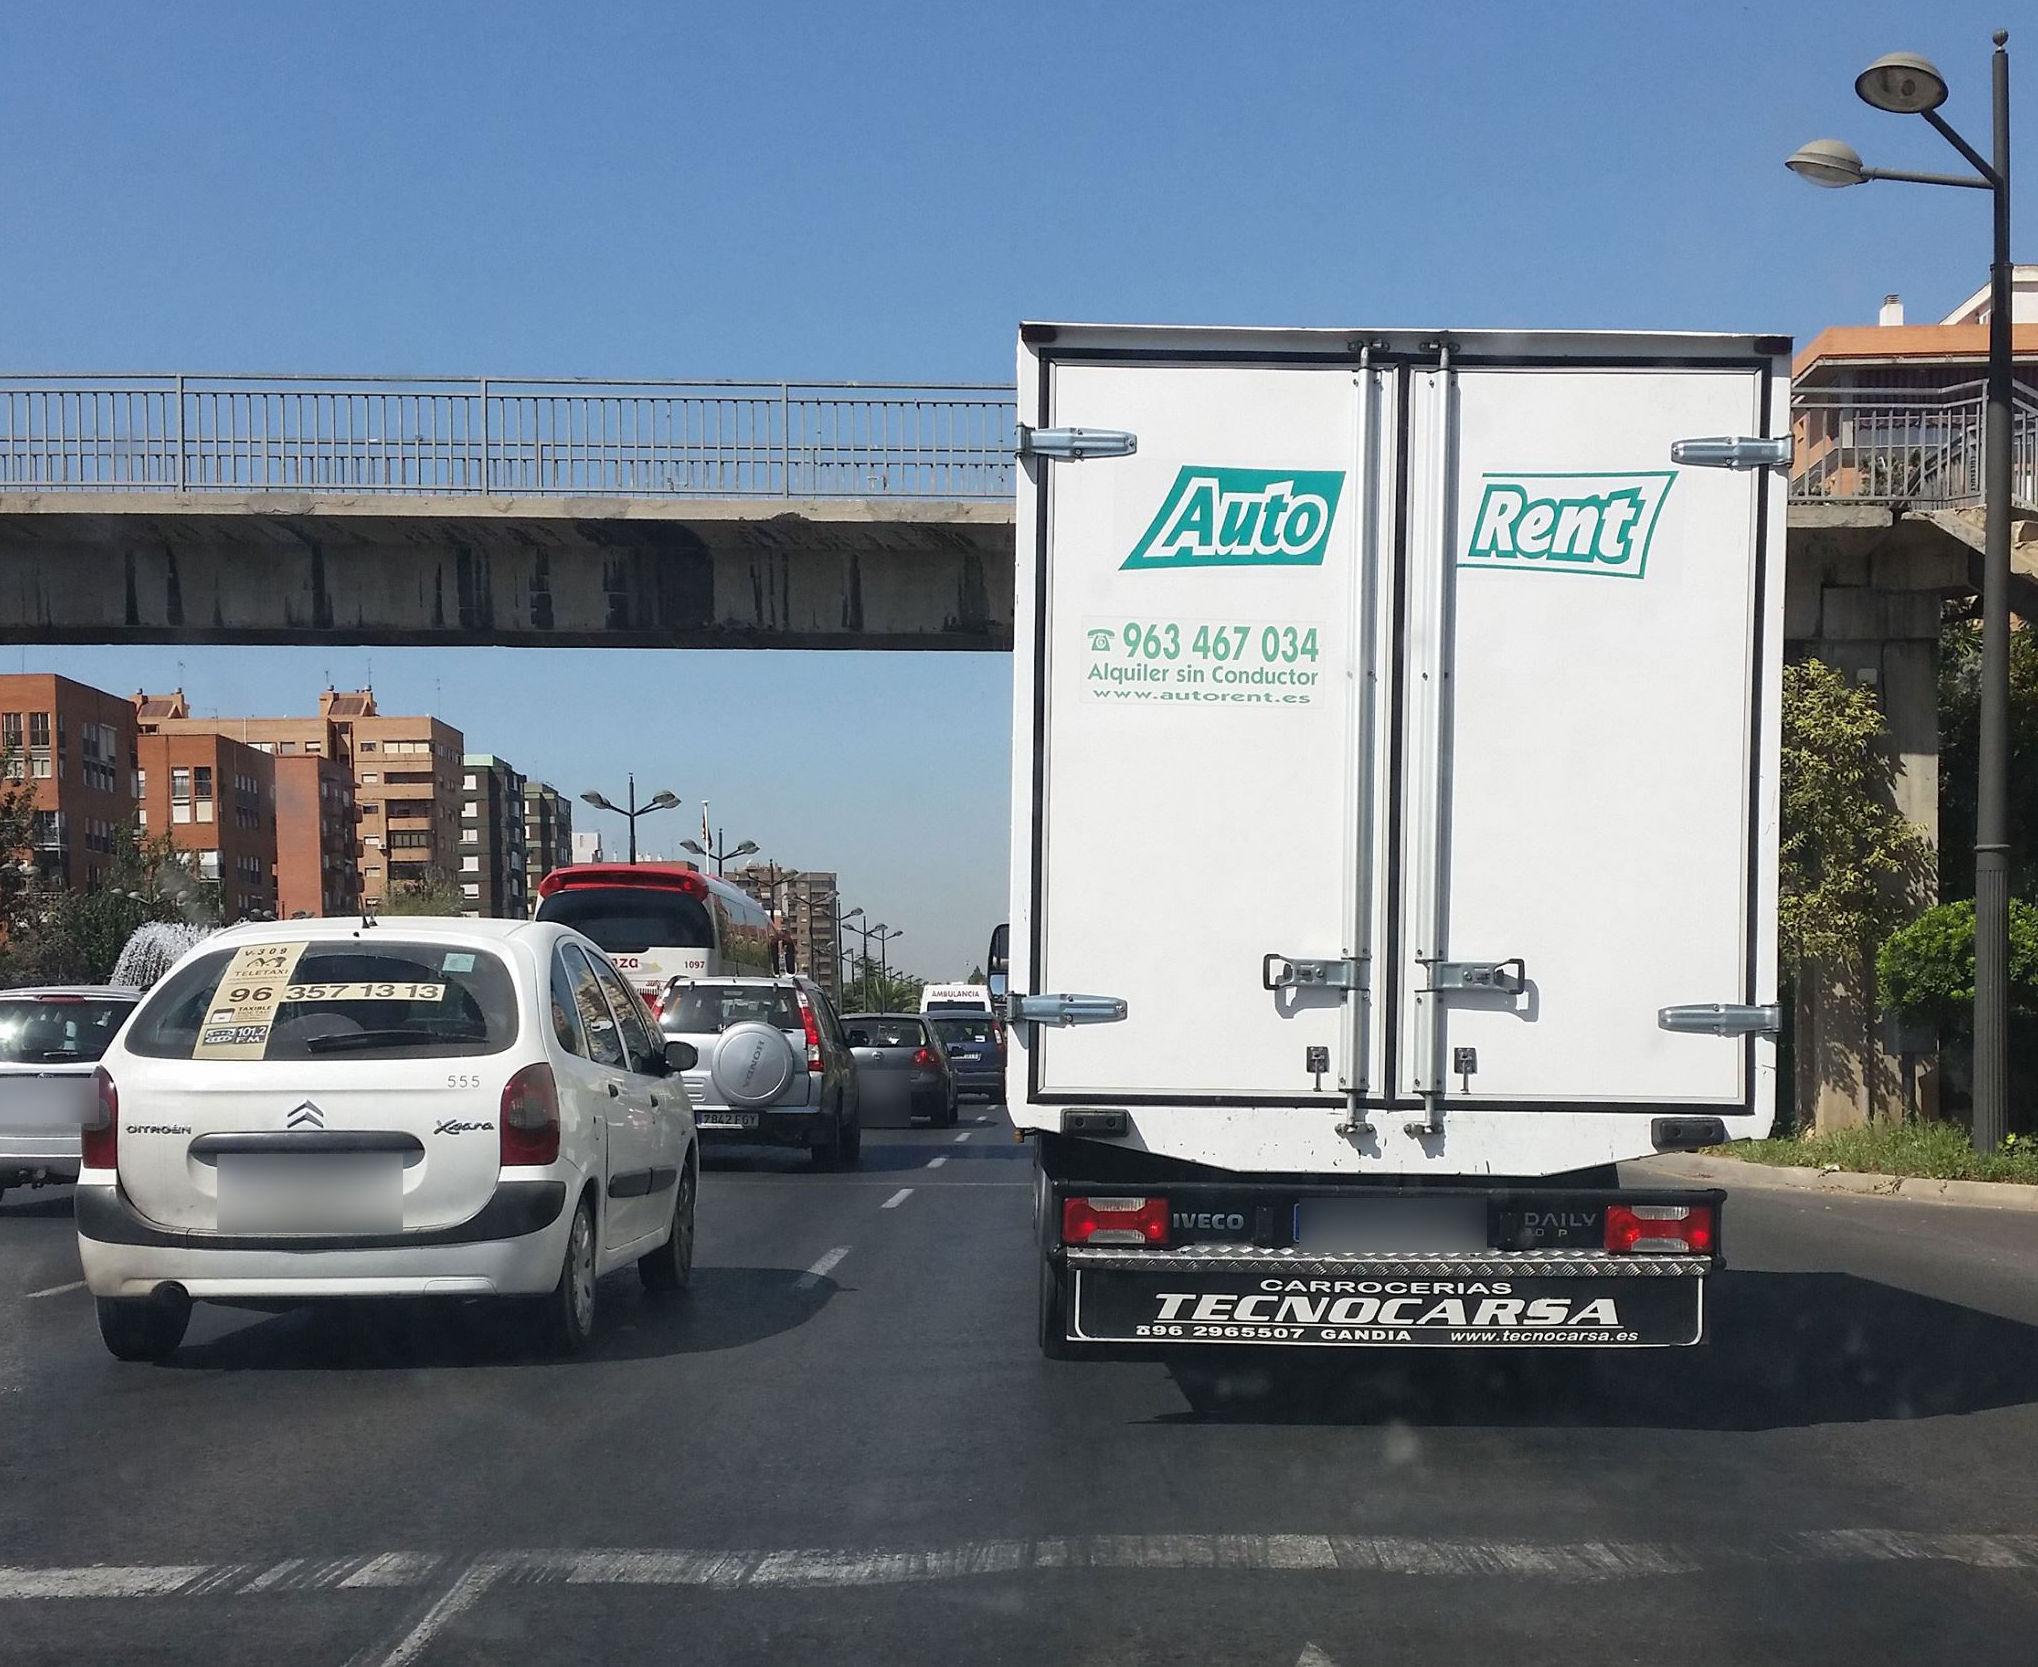 Nuestras furgonetas facilitan el trabajo a miles de autónomos!